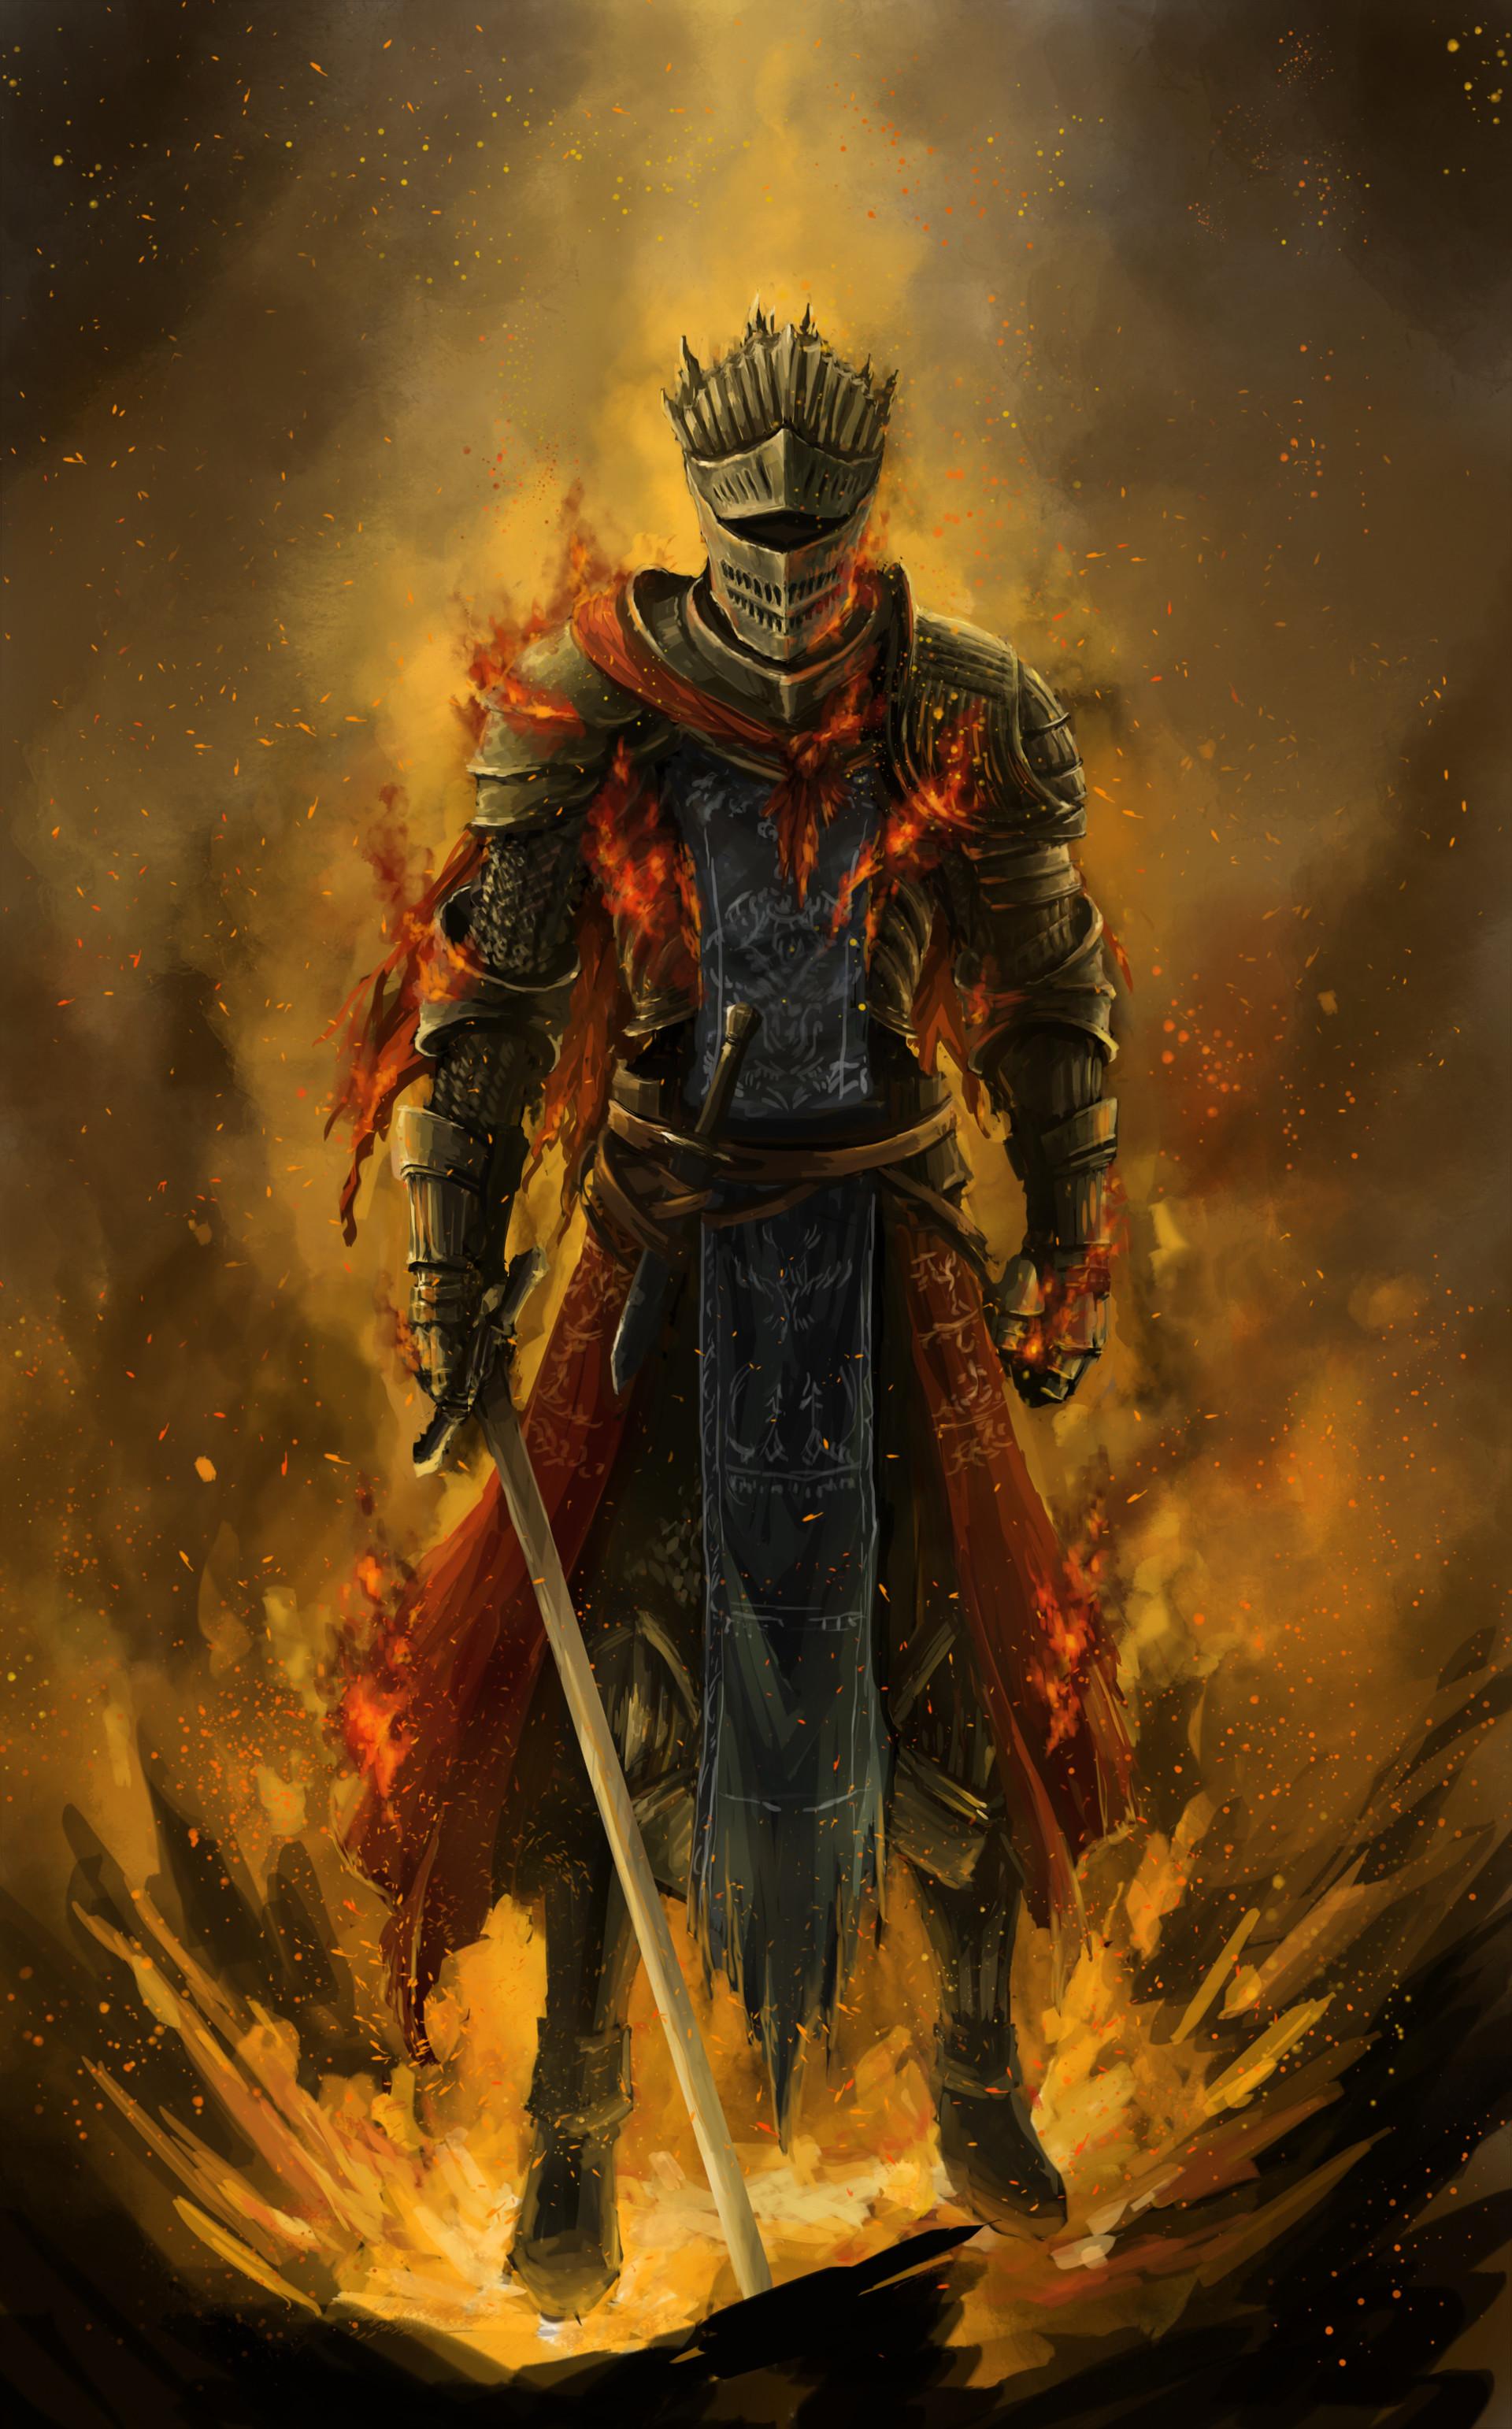 Artstation Dark Souls 3 Fanart Red Knight Brennan Liu